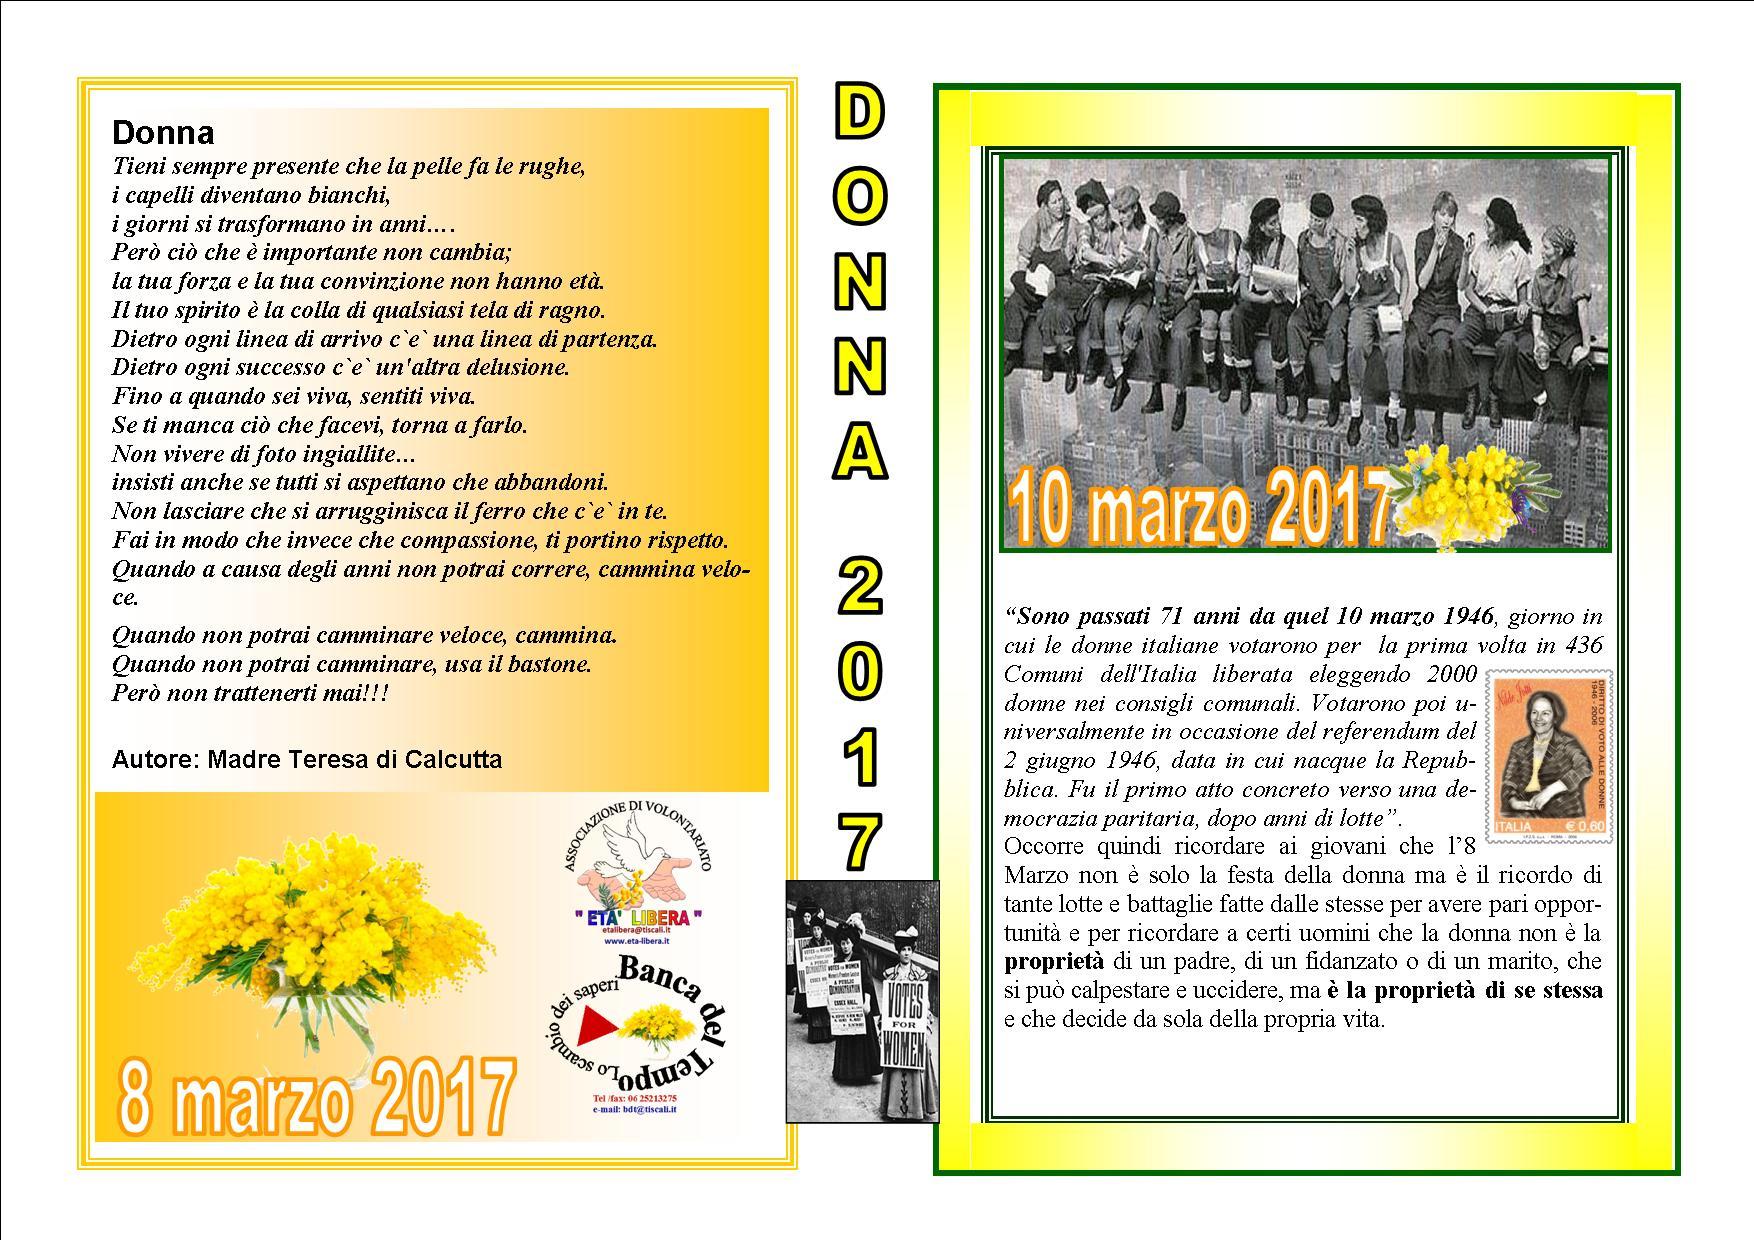 2017 marzo 8 et libera for Denuncia redditi 2017